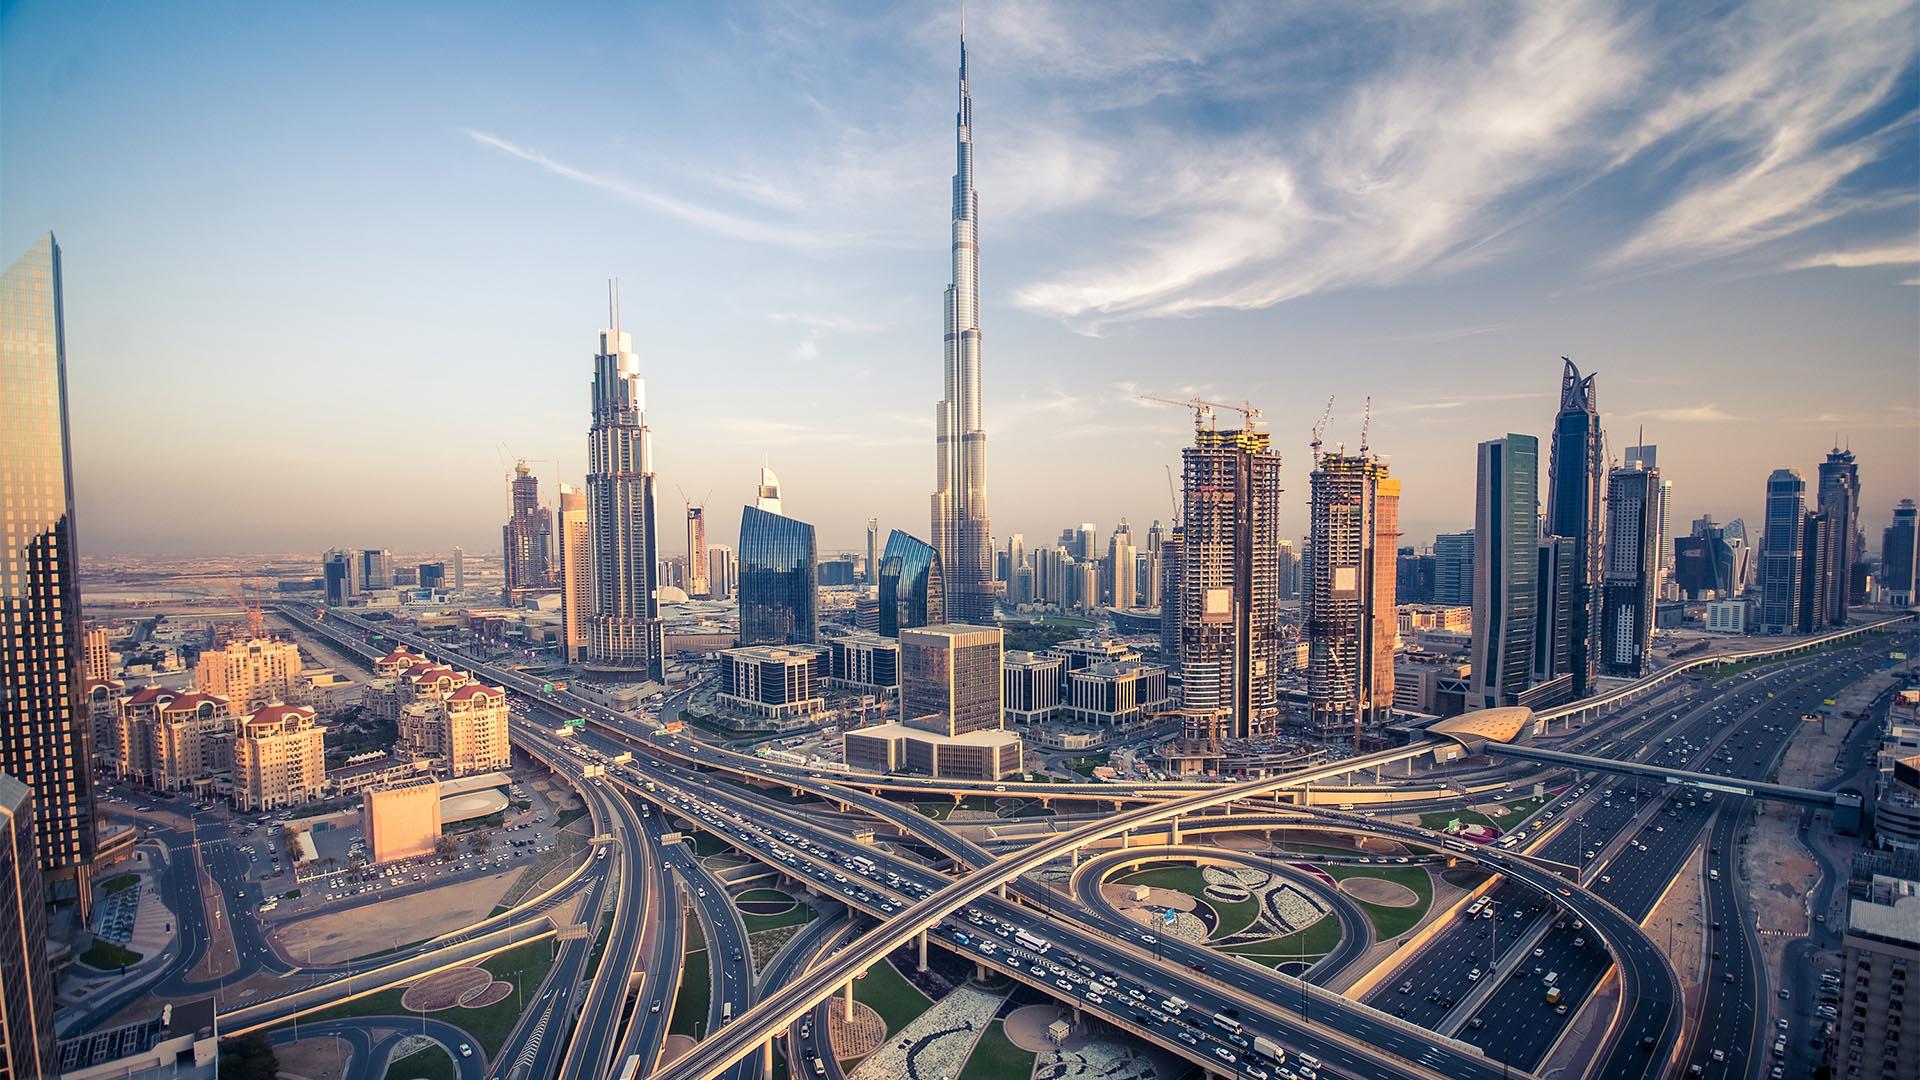 En términos generales, Dubái es seguro para visitar. El crimen de persona a persona no es una gran preocupación para los viajeros, debido aque Dubái es una ciudad muy vigilada